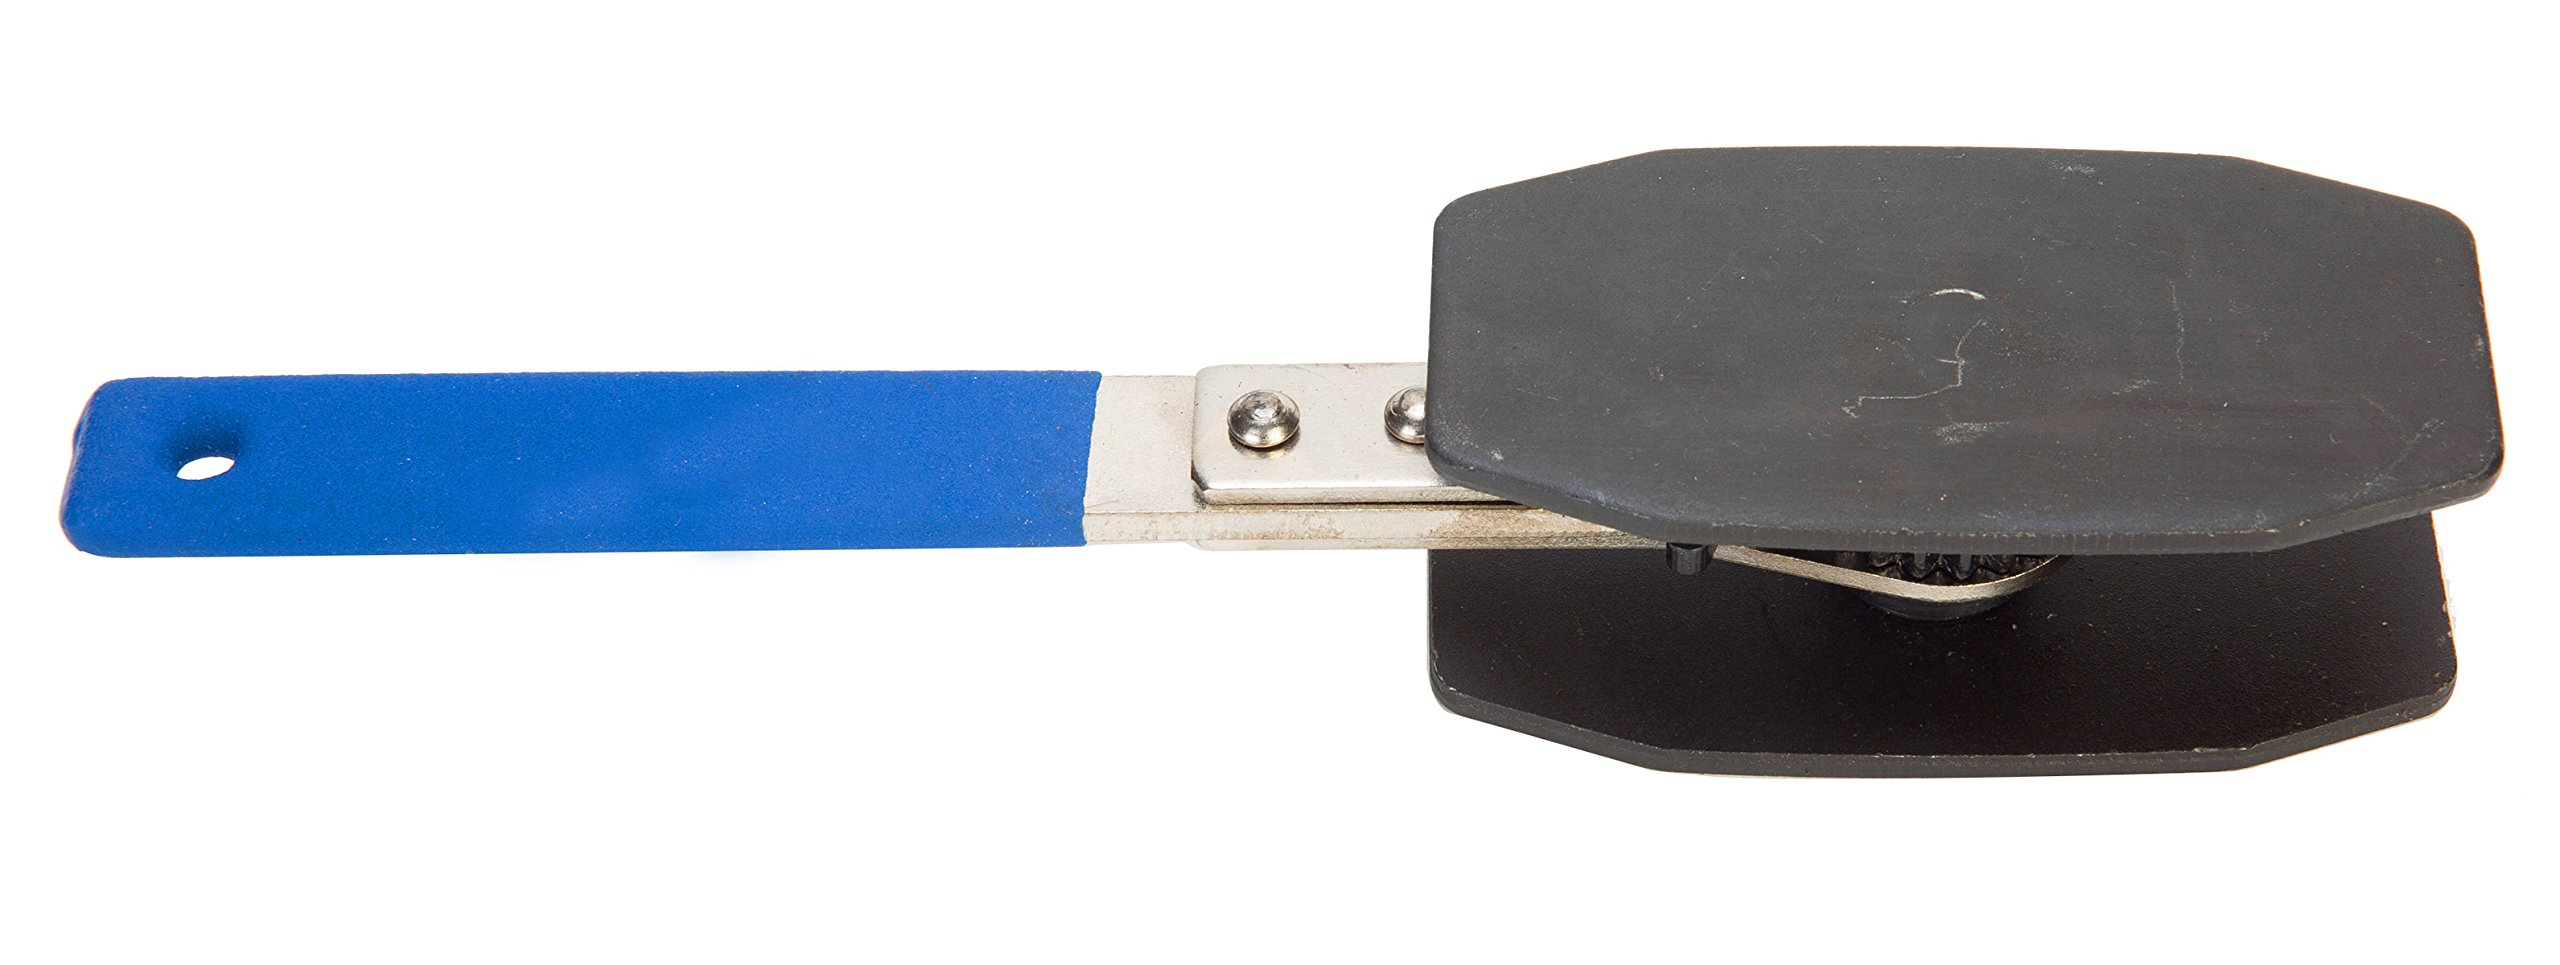 8MILELAKE Ratchet Caliper Piston Spreader Brake Piston Caliper Press Tool by 8MILELAKE (Image #3)